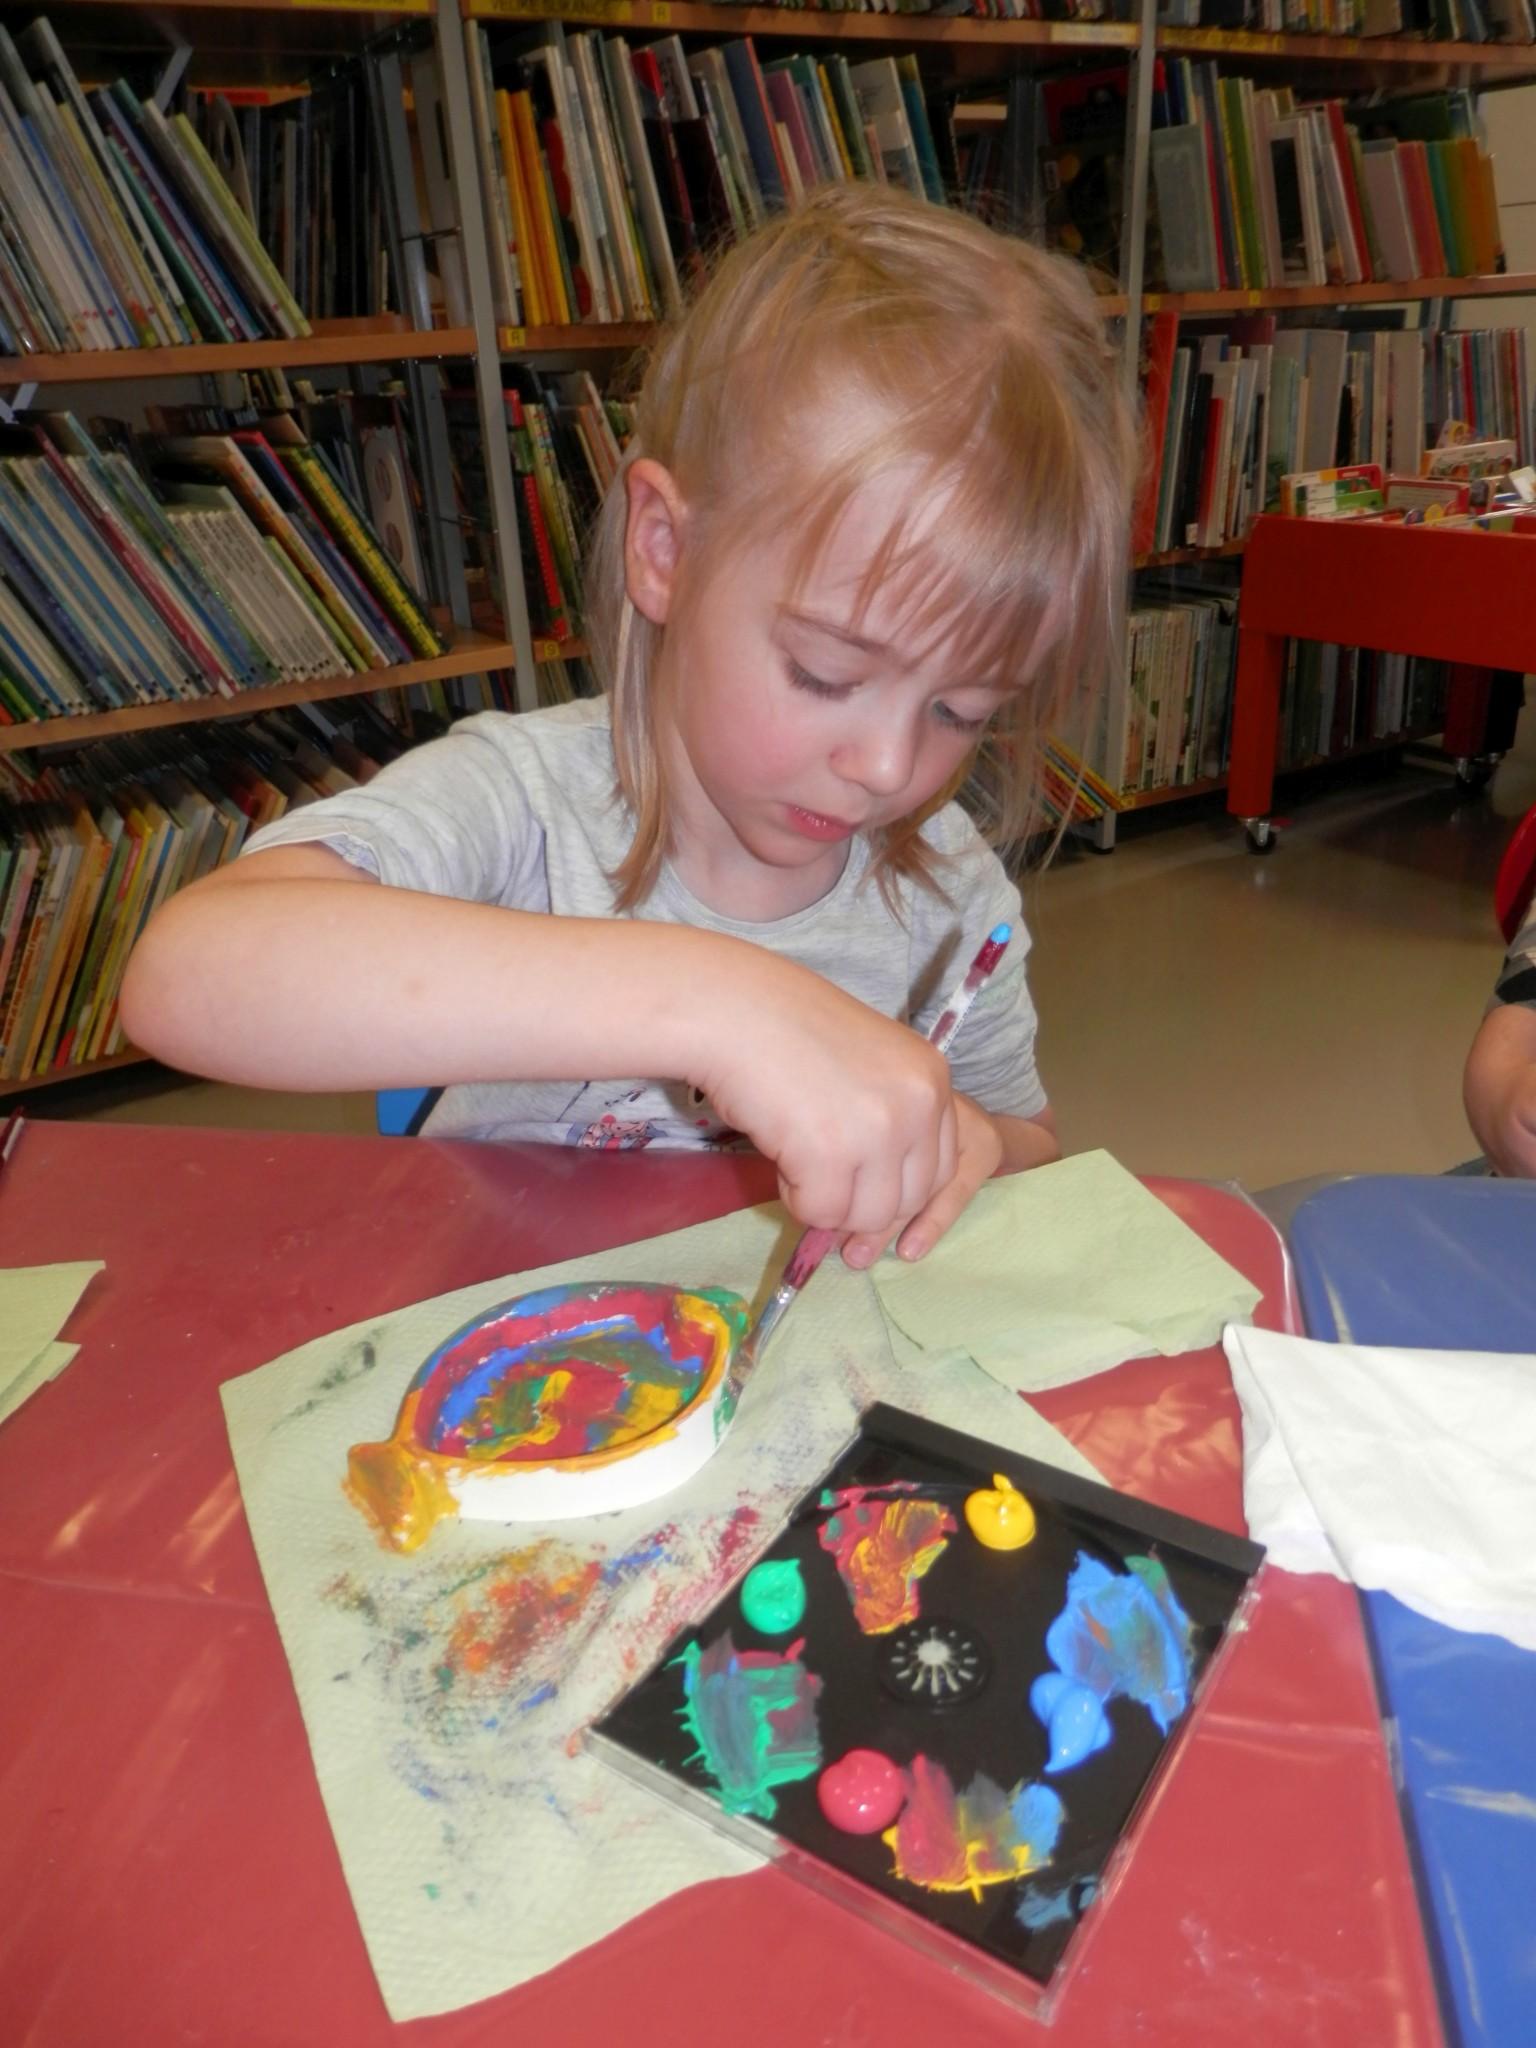 P6160170 - Pravljični rožnik - pravljična urica z ustvarjalno delavnico za otroke od 4. leta dalje